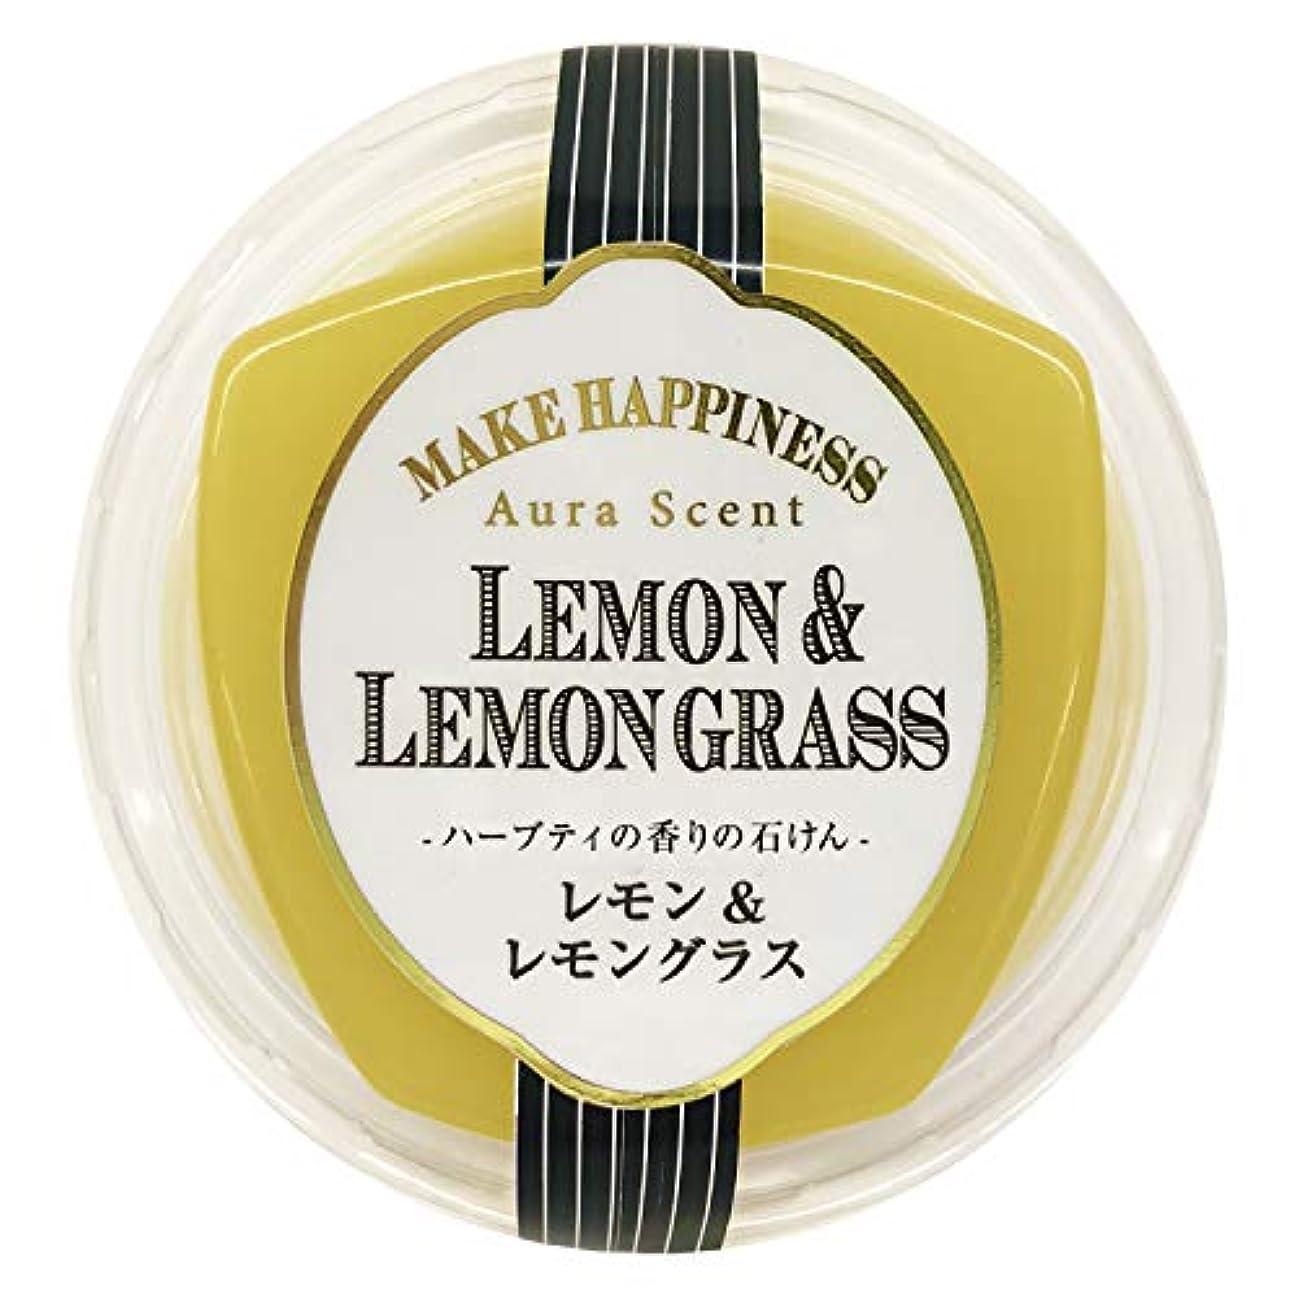 純粋な罪悪感防衛ペリカン石鹸 オーラセント クリアソープ レモン&レモングラス 75g